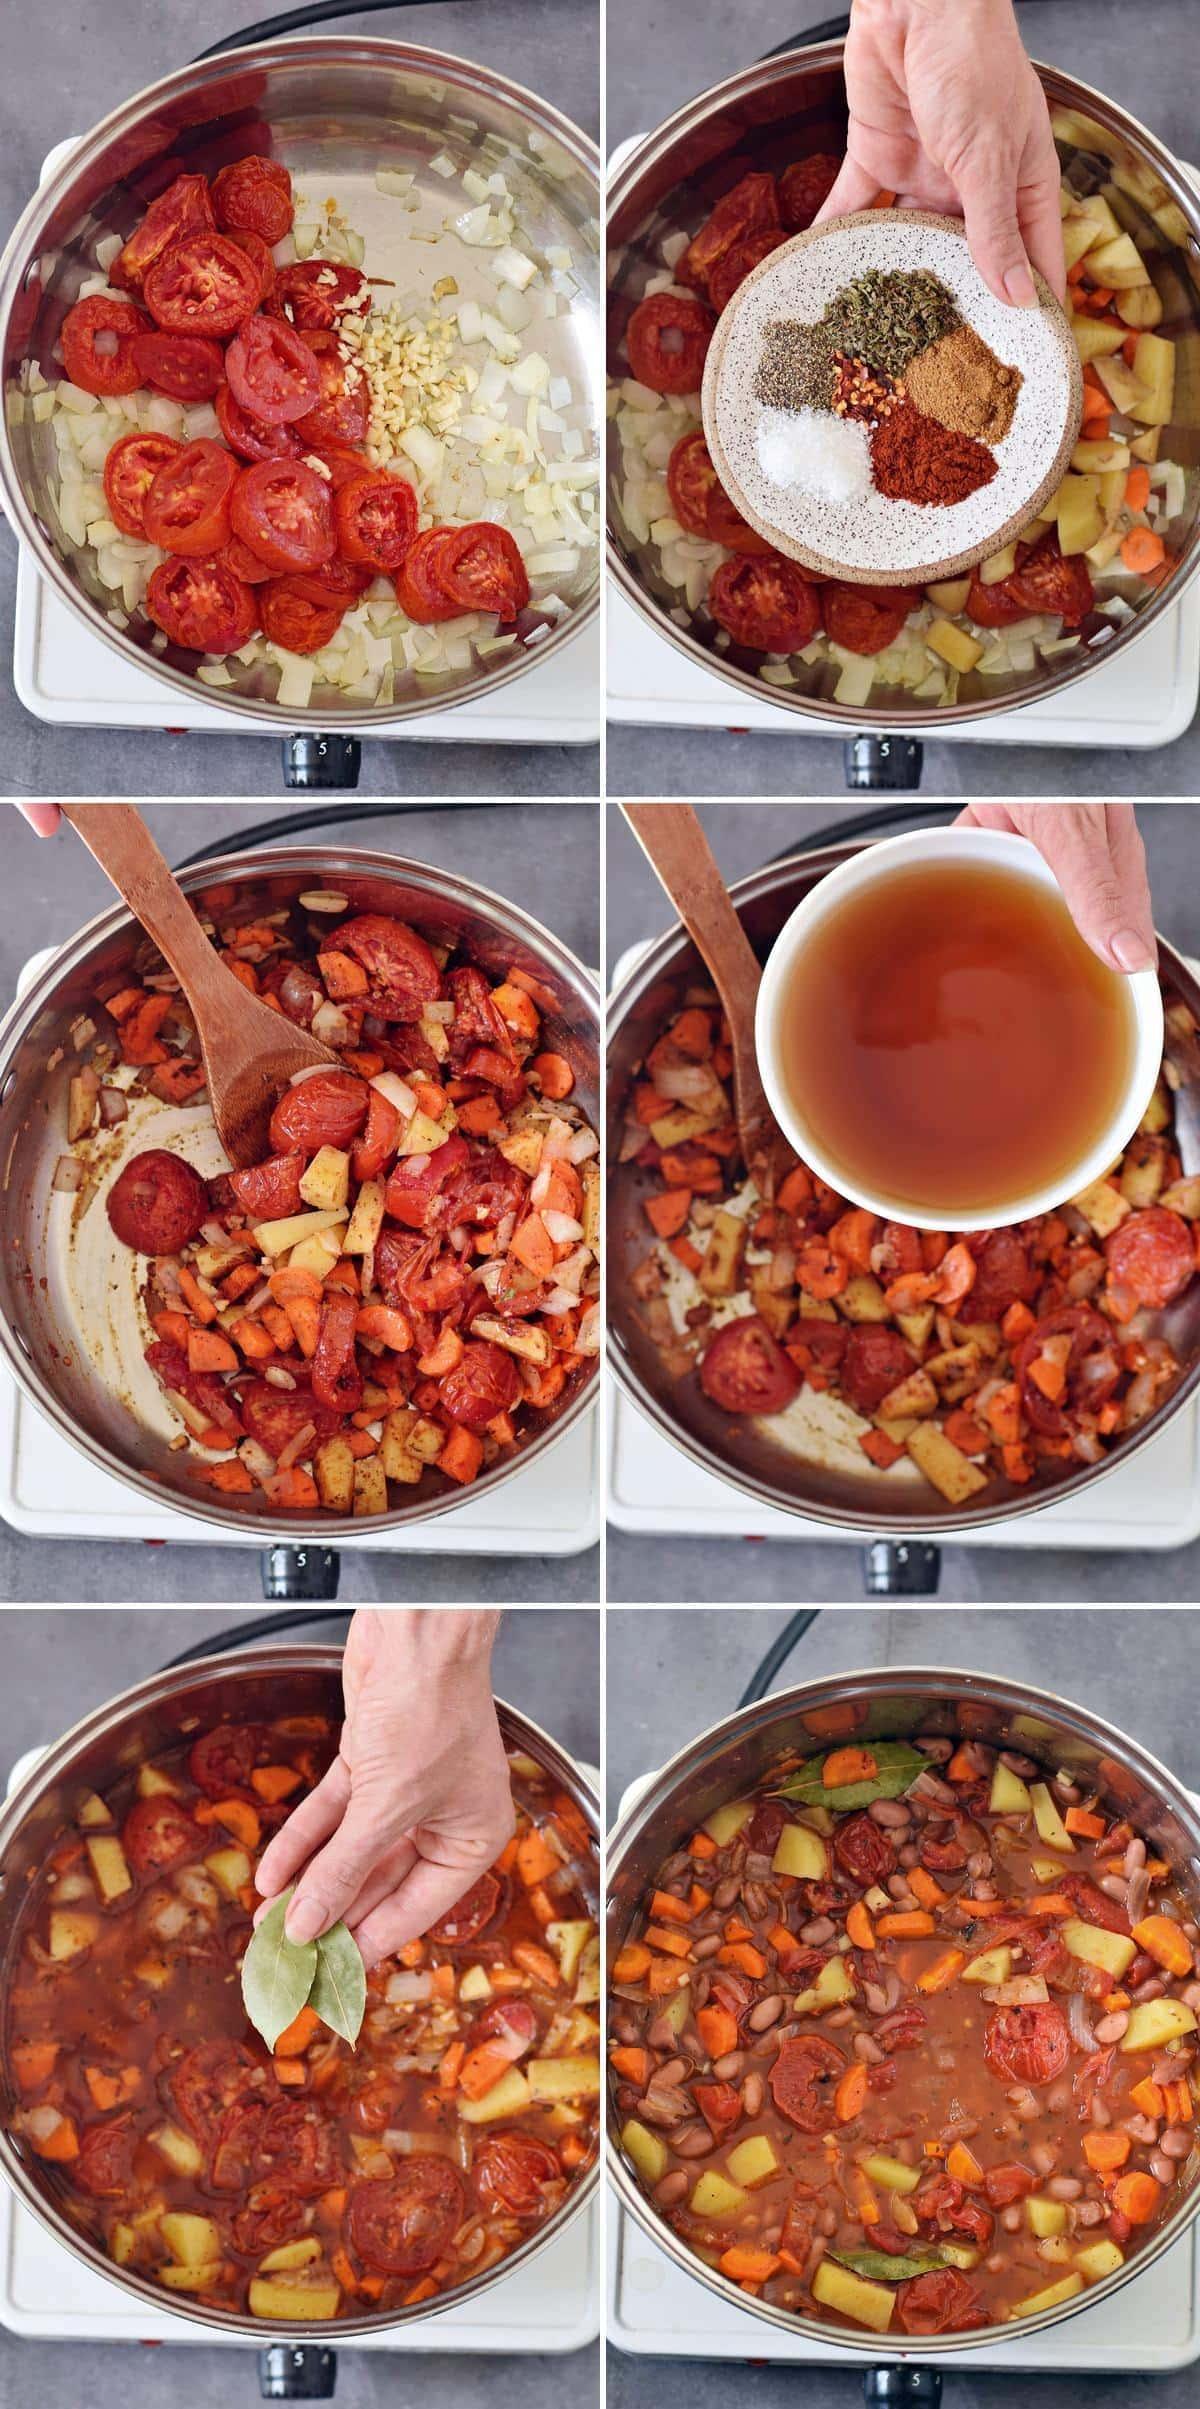 6 Schritt-für-Schritt-Fotos, die zeigen, wie man einen Eintopf mit Bohnen zubereitet